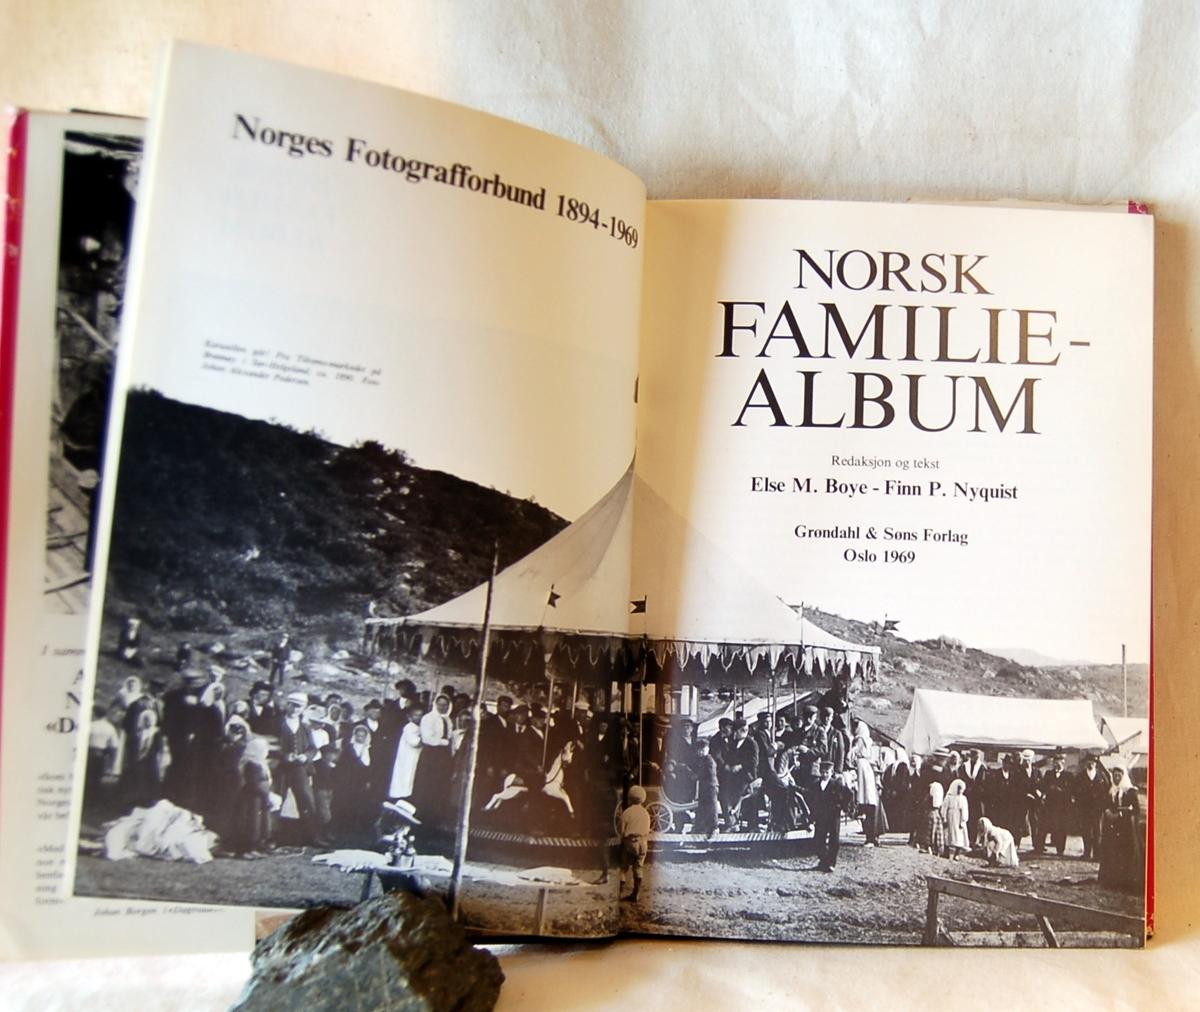 Filosofen Peter Wessel Zapffe og hans kone Berit testamenterte sin eiendom på Båstad i Asker til Universitetet i Oslo. Da det ble besluttet å selge eiendommen i 2009 ble deler av P.W. Zapffes arbeidsrom og andre eiendeler overlatt til Asker Museum. Denne samlingen inngår nå som en permanent utstilling på museet. Smussomslag.